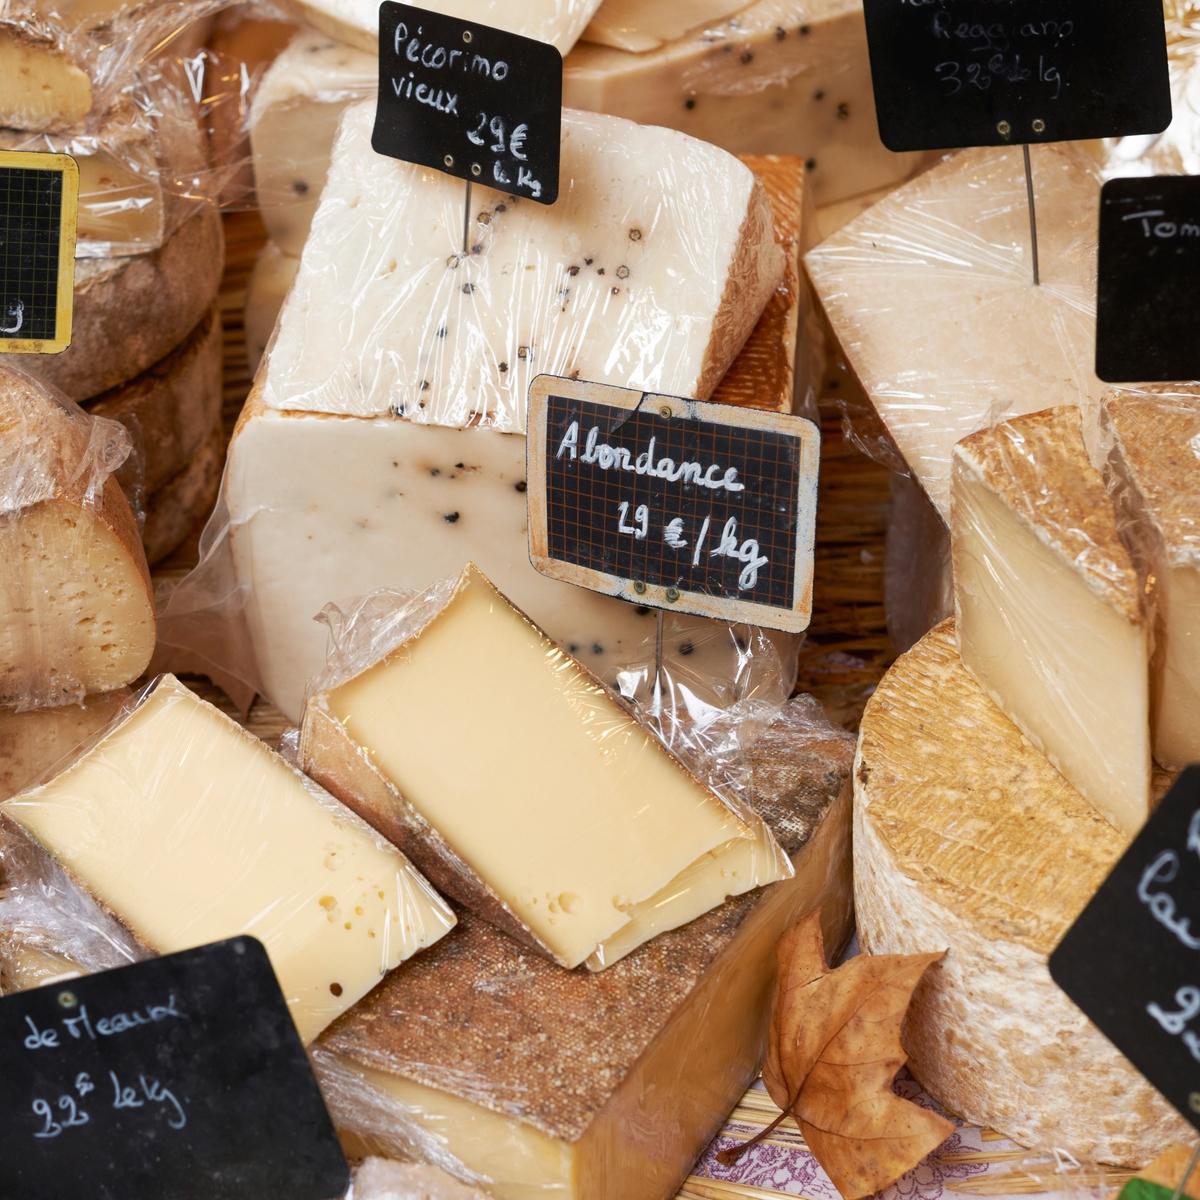 Γαλλικά τυριά - Επιλέξτε ανάμεσα στη Γαλλική και την Ιταλική Ριβιέρα